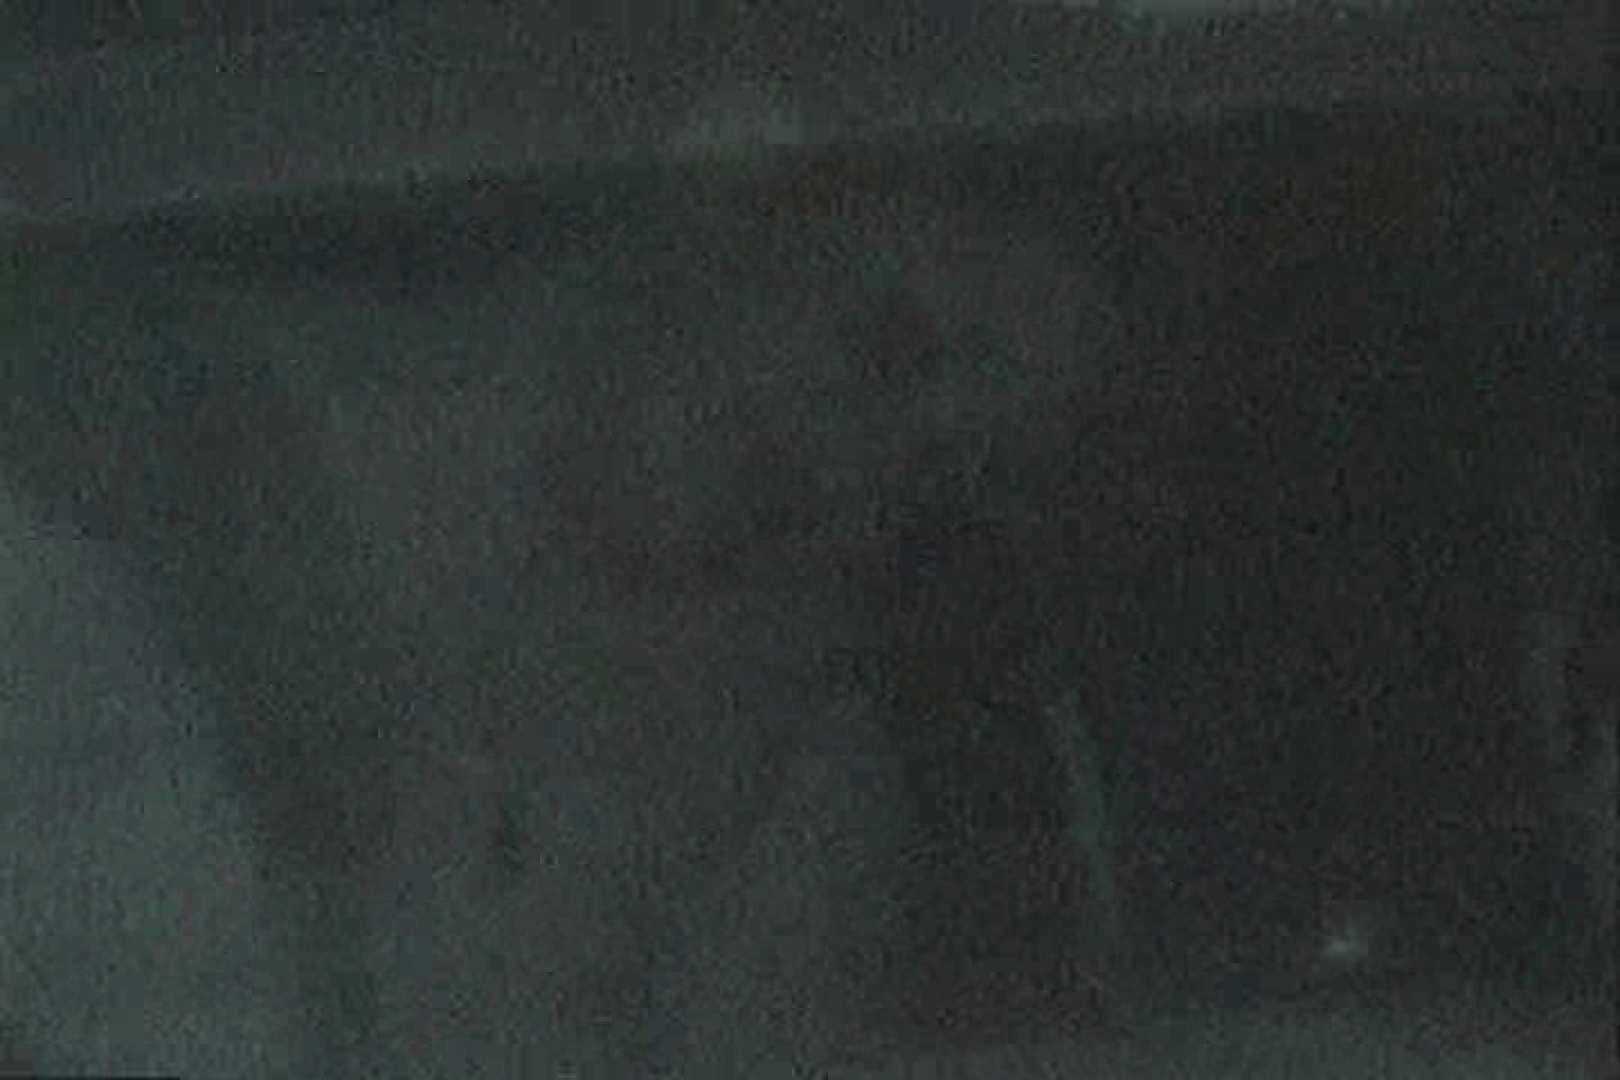 「充血監督」さんの深夜の運動会!! vol.122 色っぽいOL達 | クンニ  64pic 7